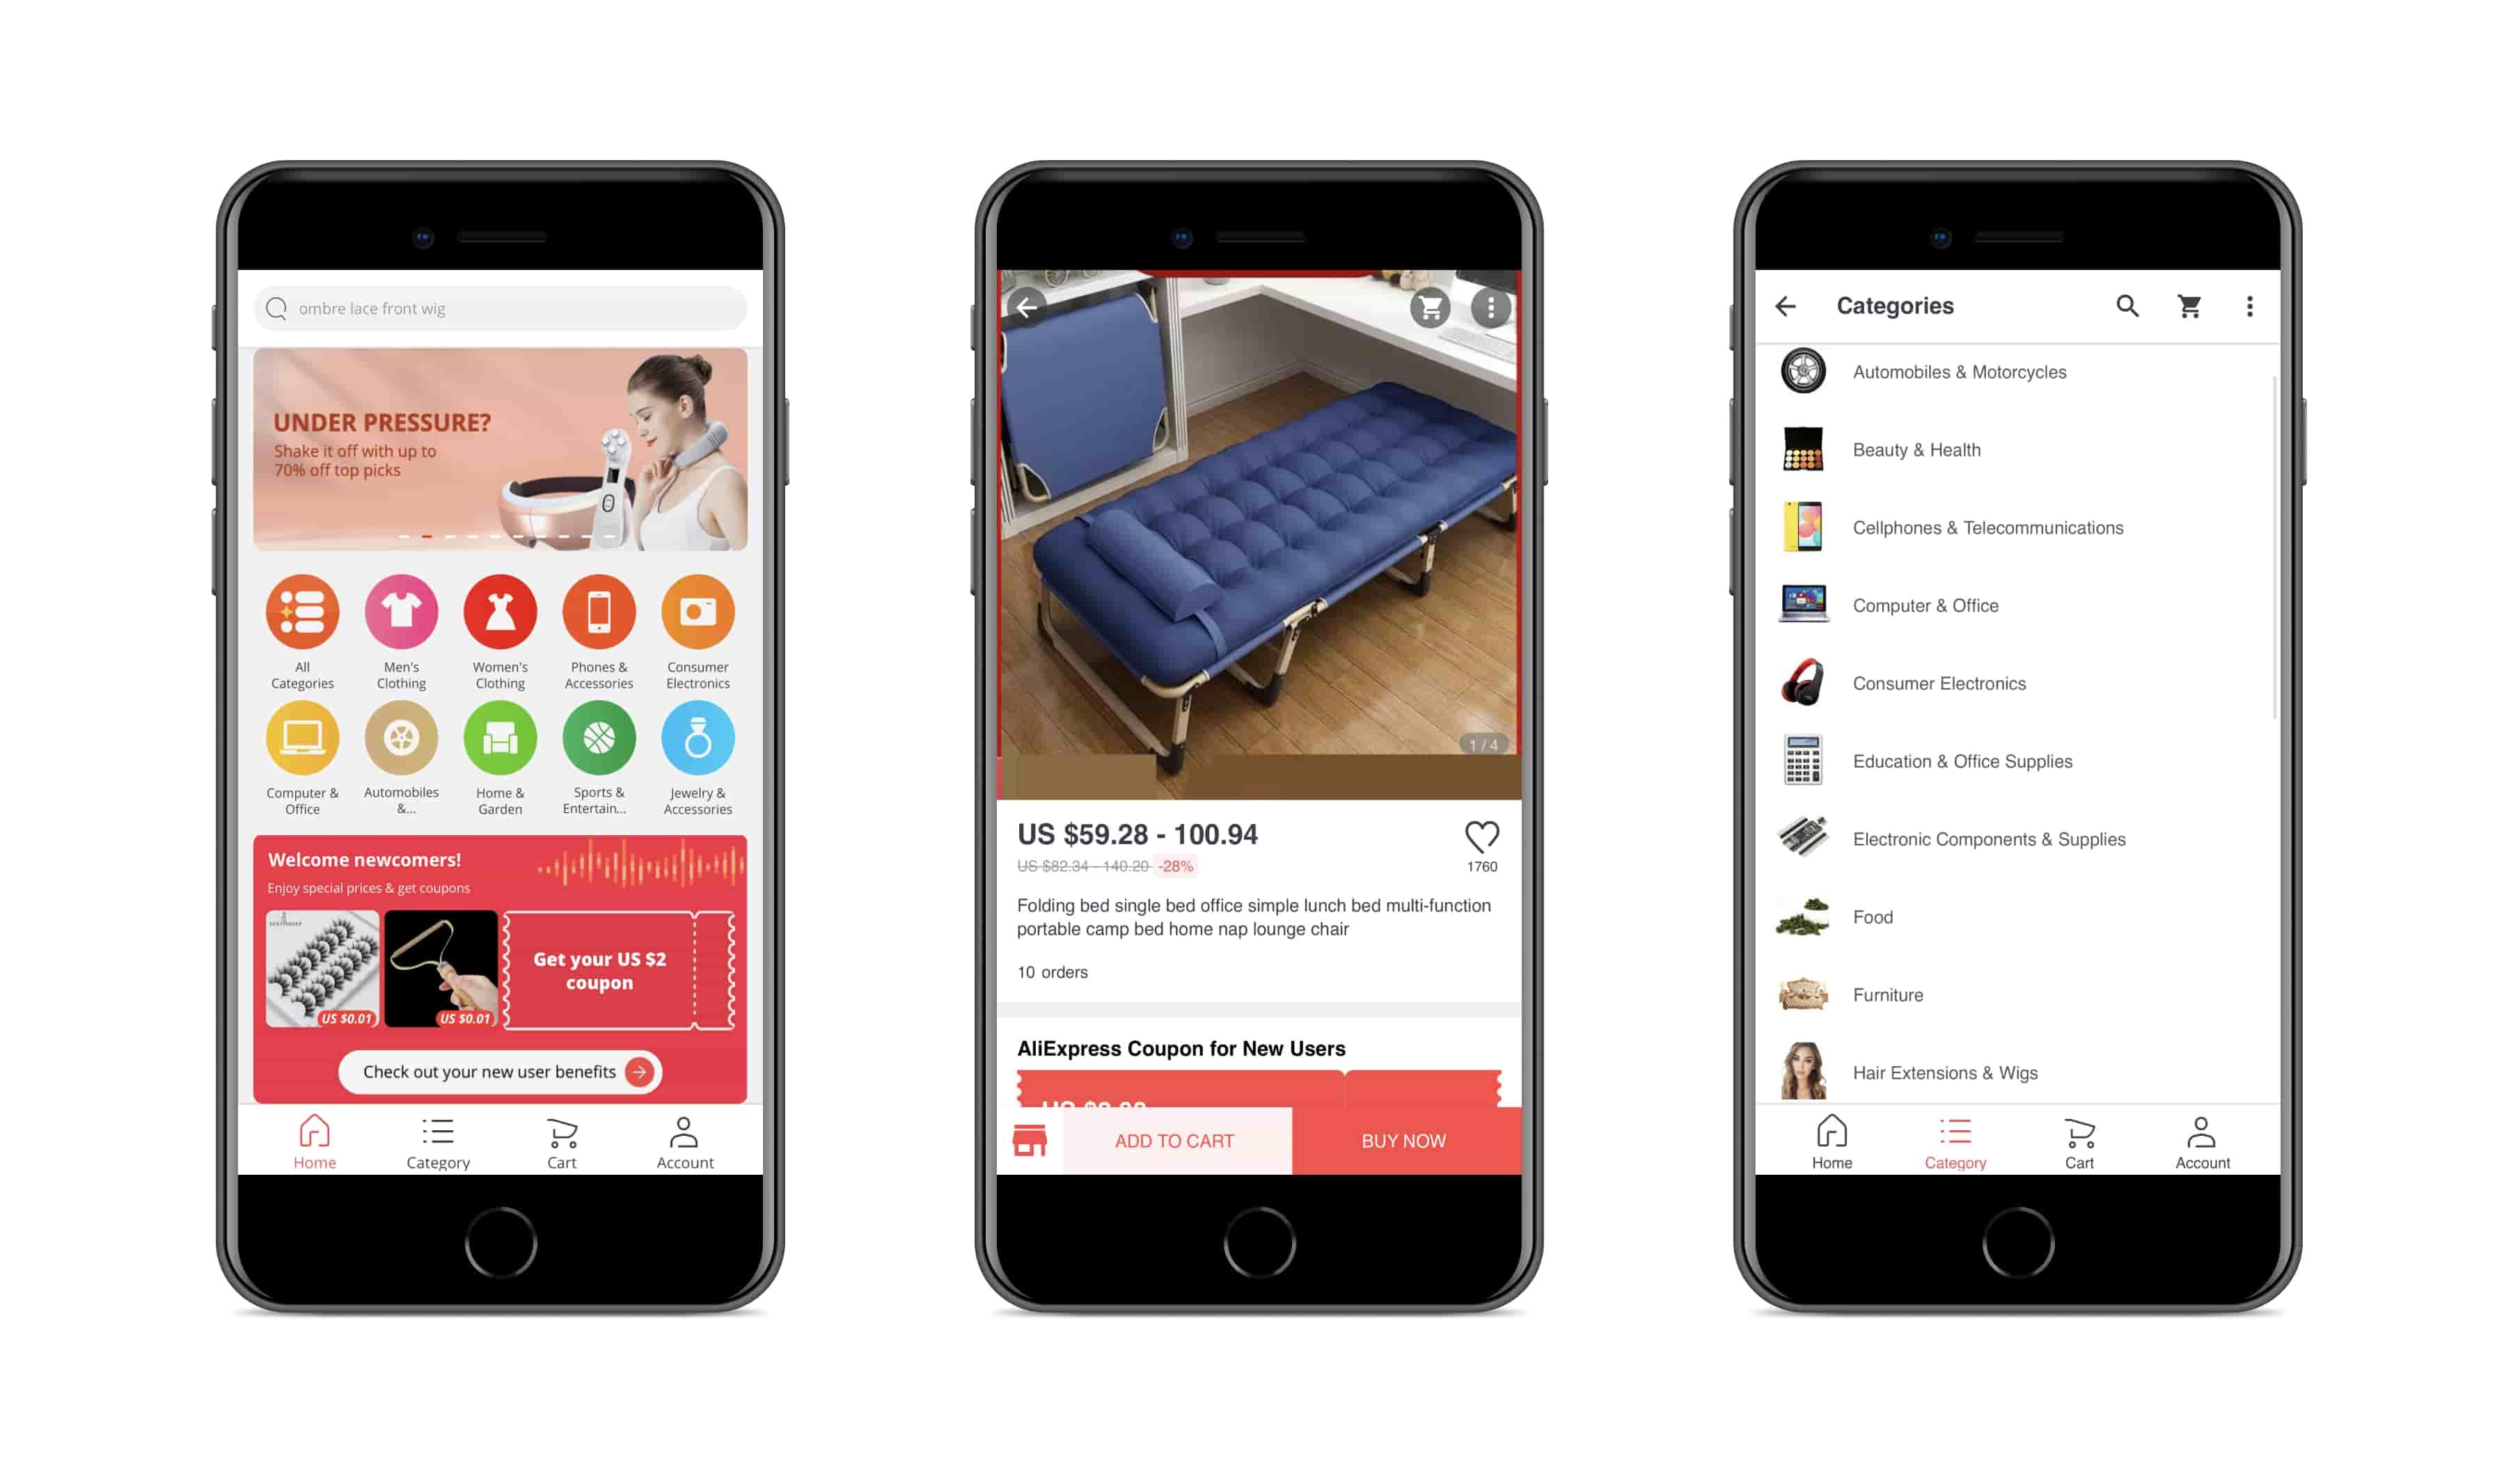 Progressive web app by AliExpress